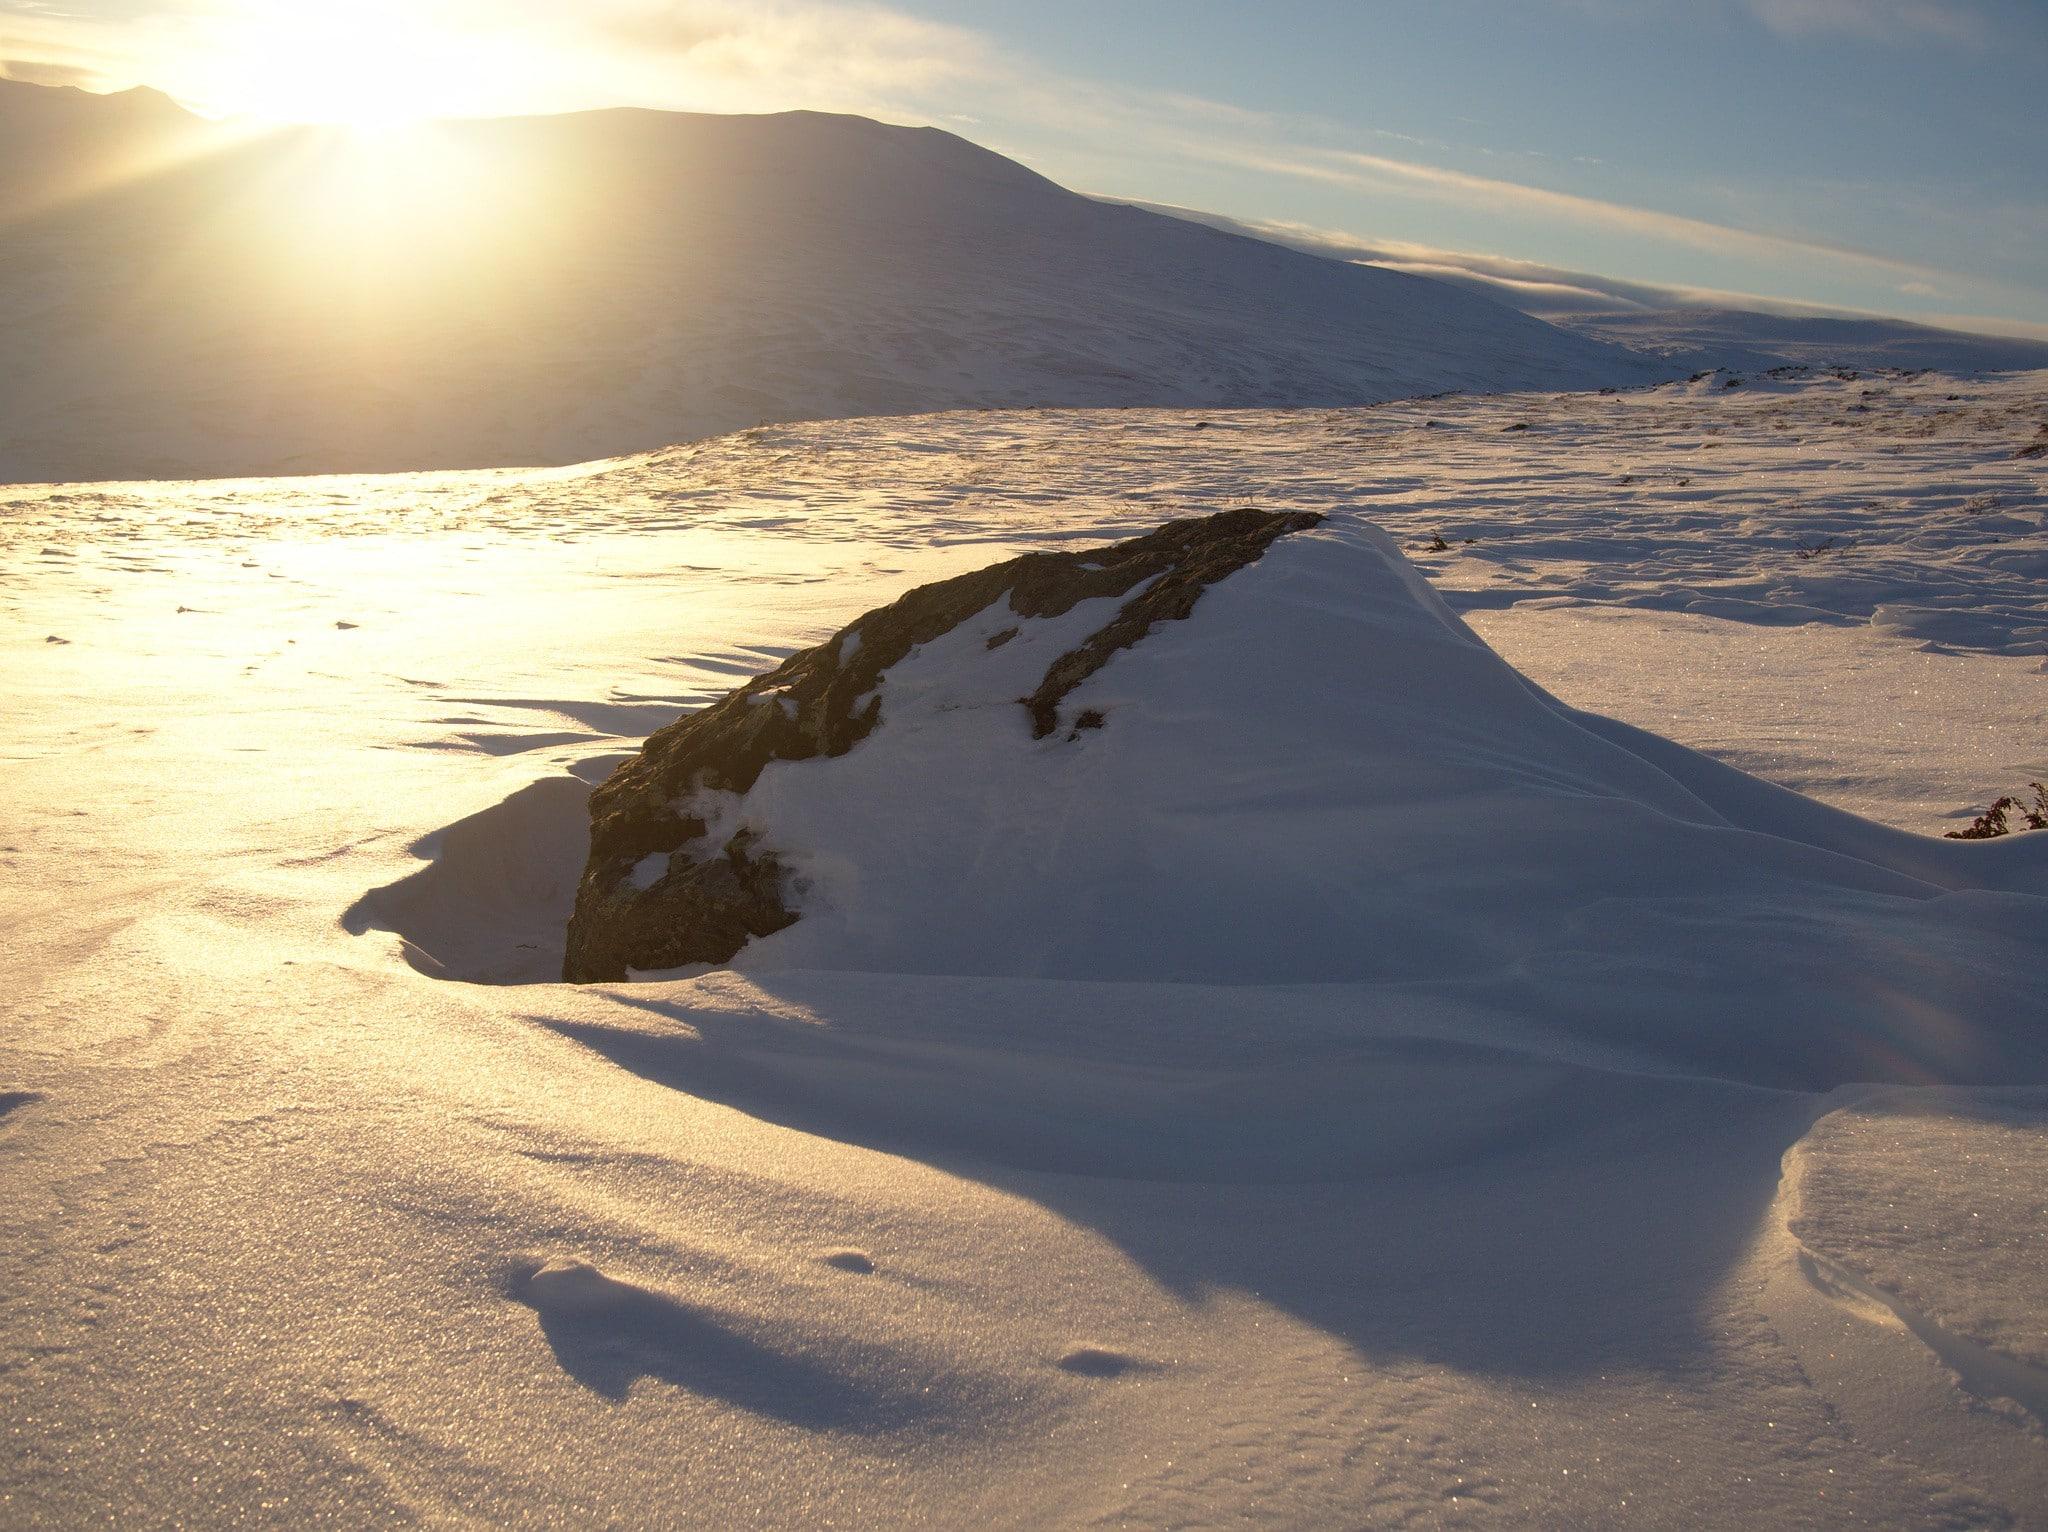 Siste del av første dag finner vi endelig litt snø også i høyden